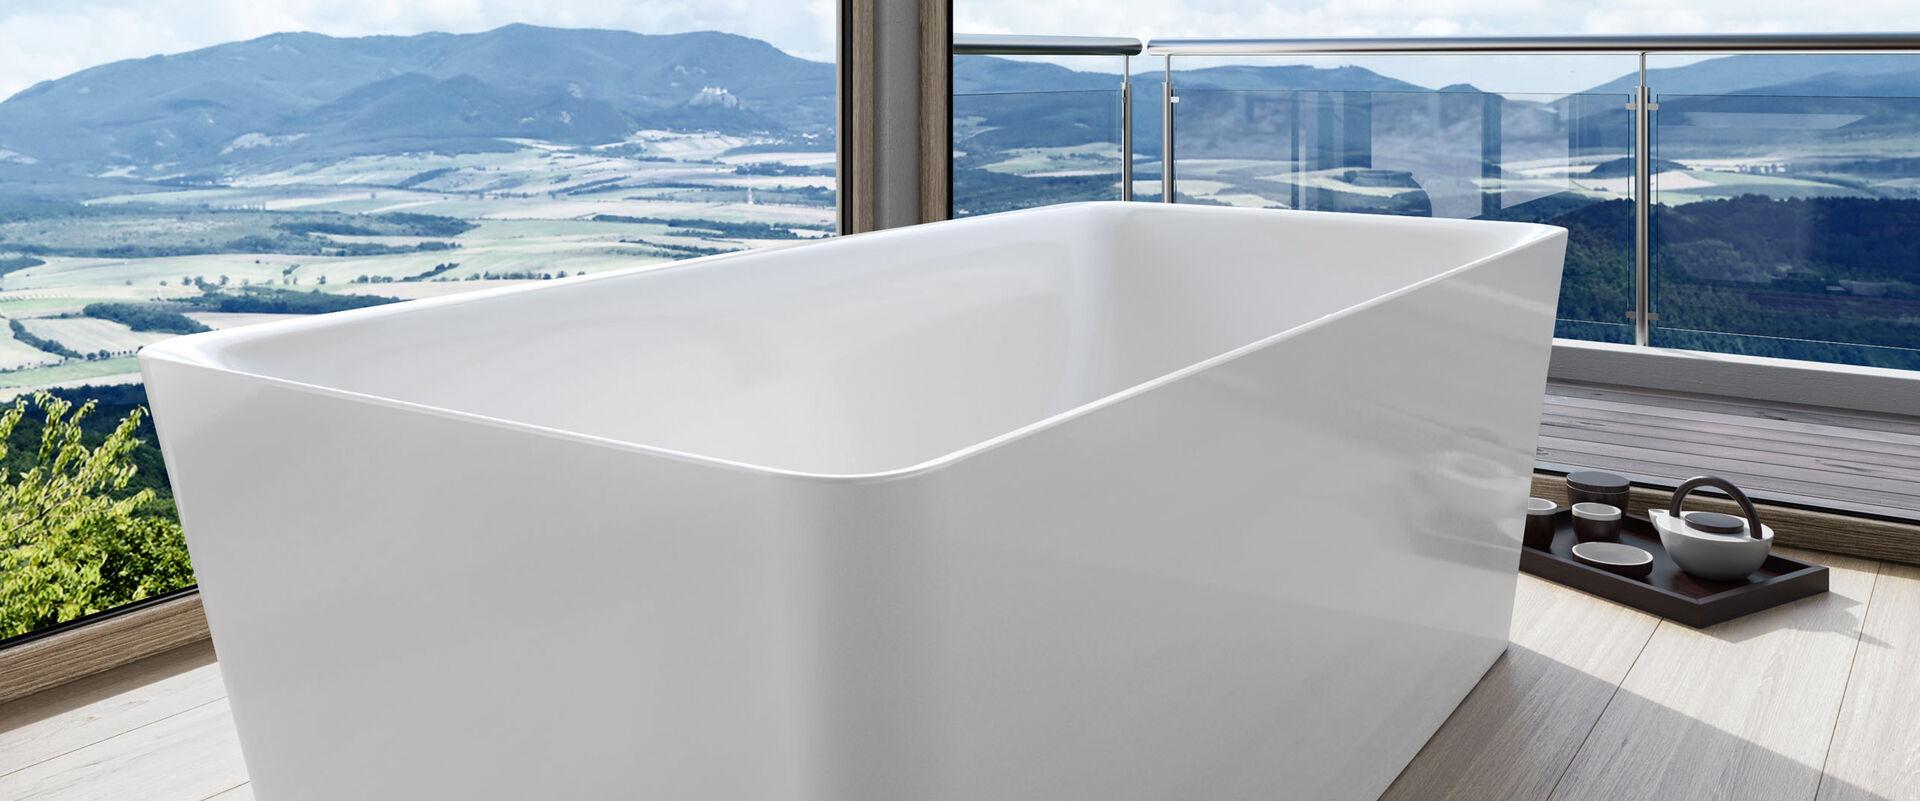 Kaldewei Incava   Die Badewanne in einzigartig elegantem Design